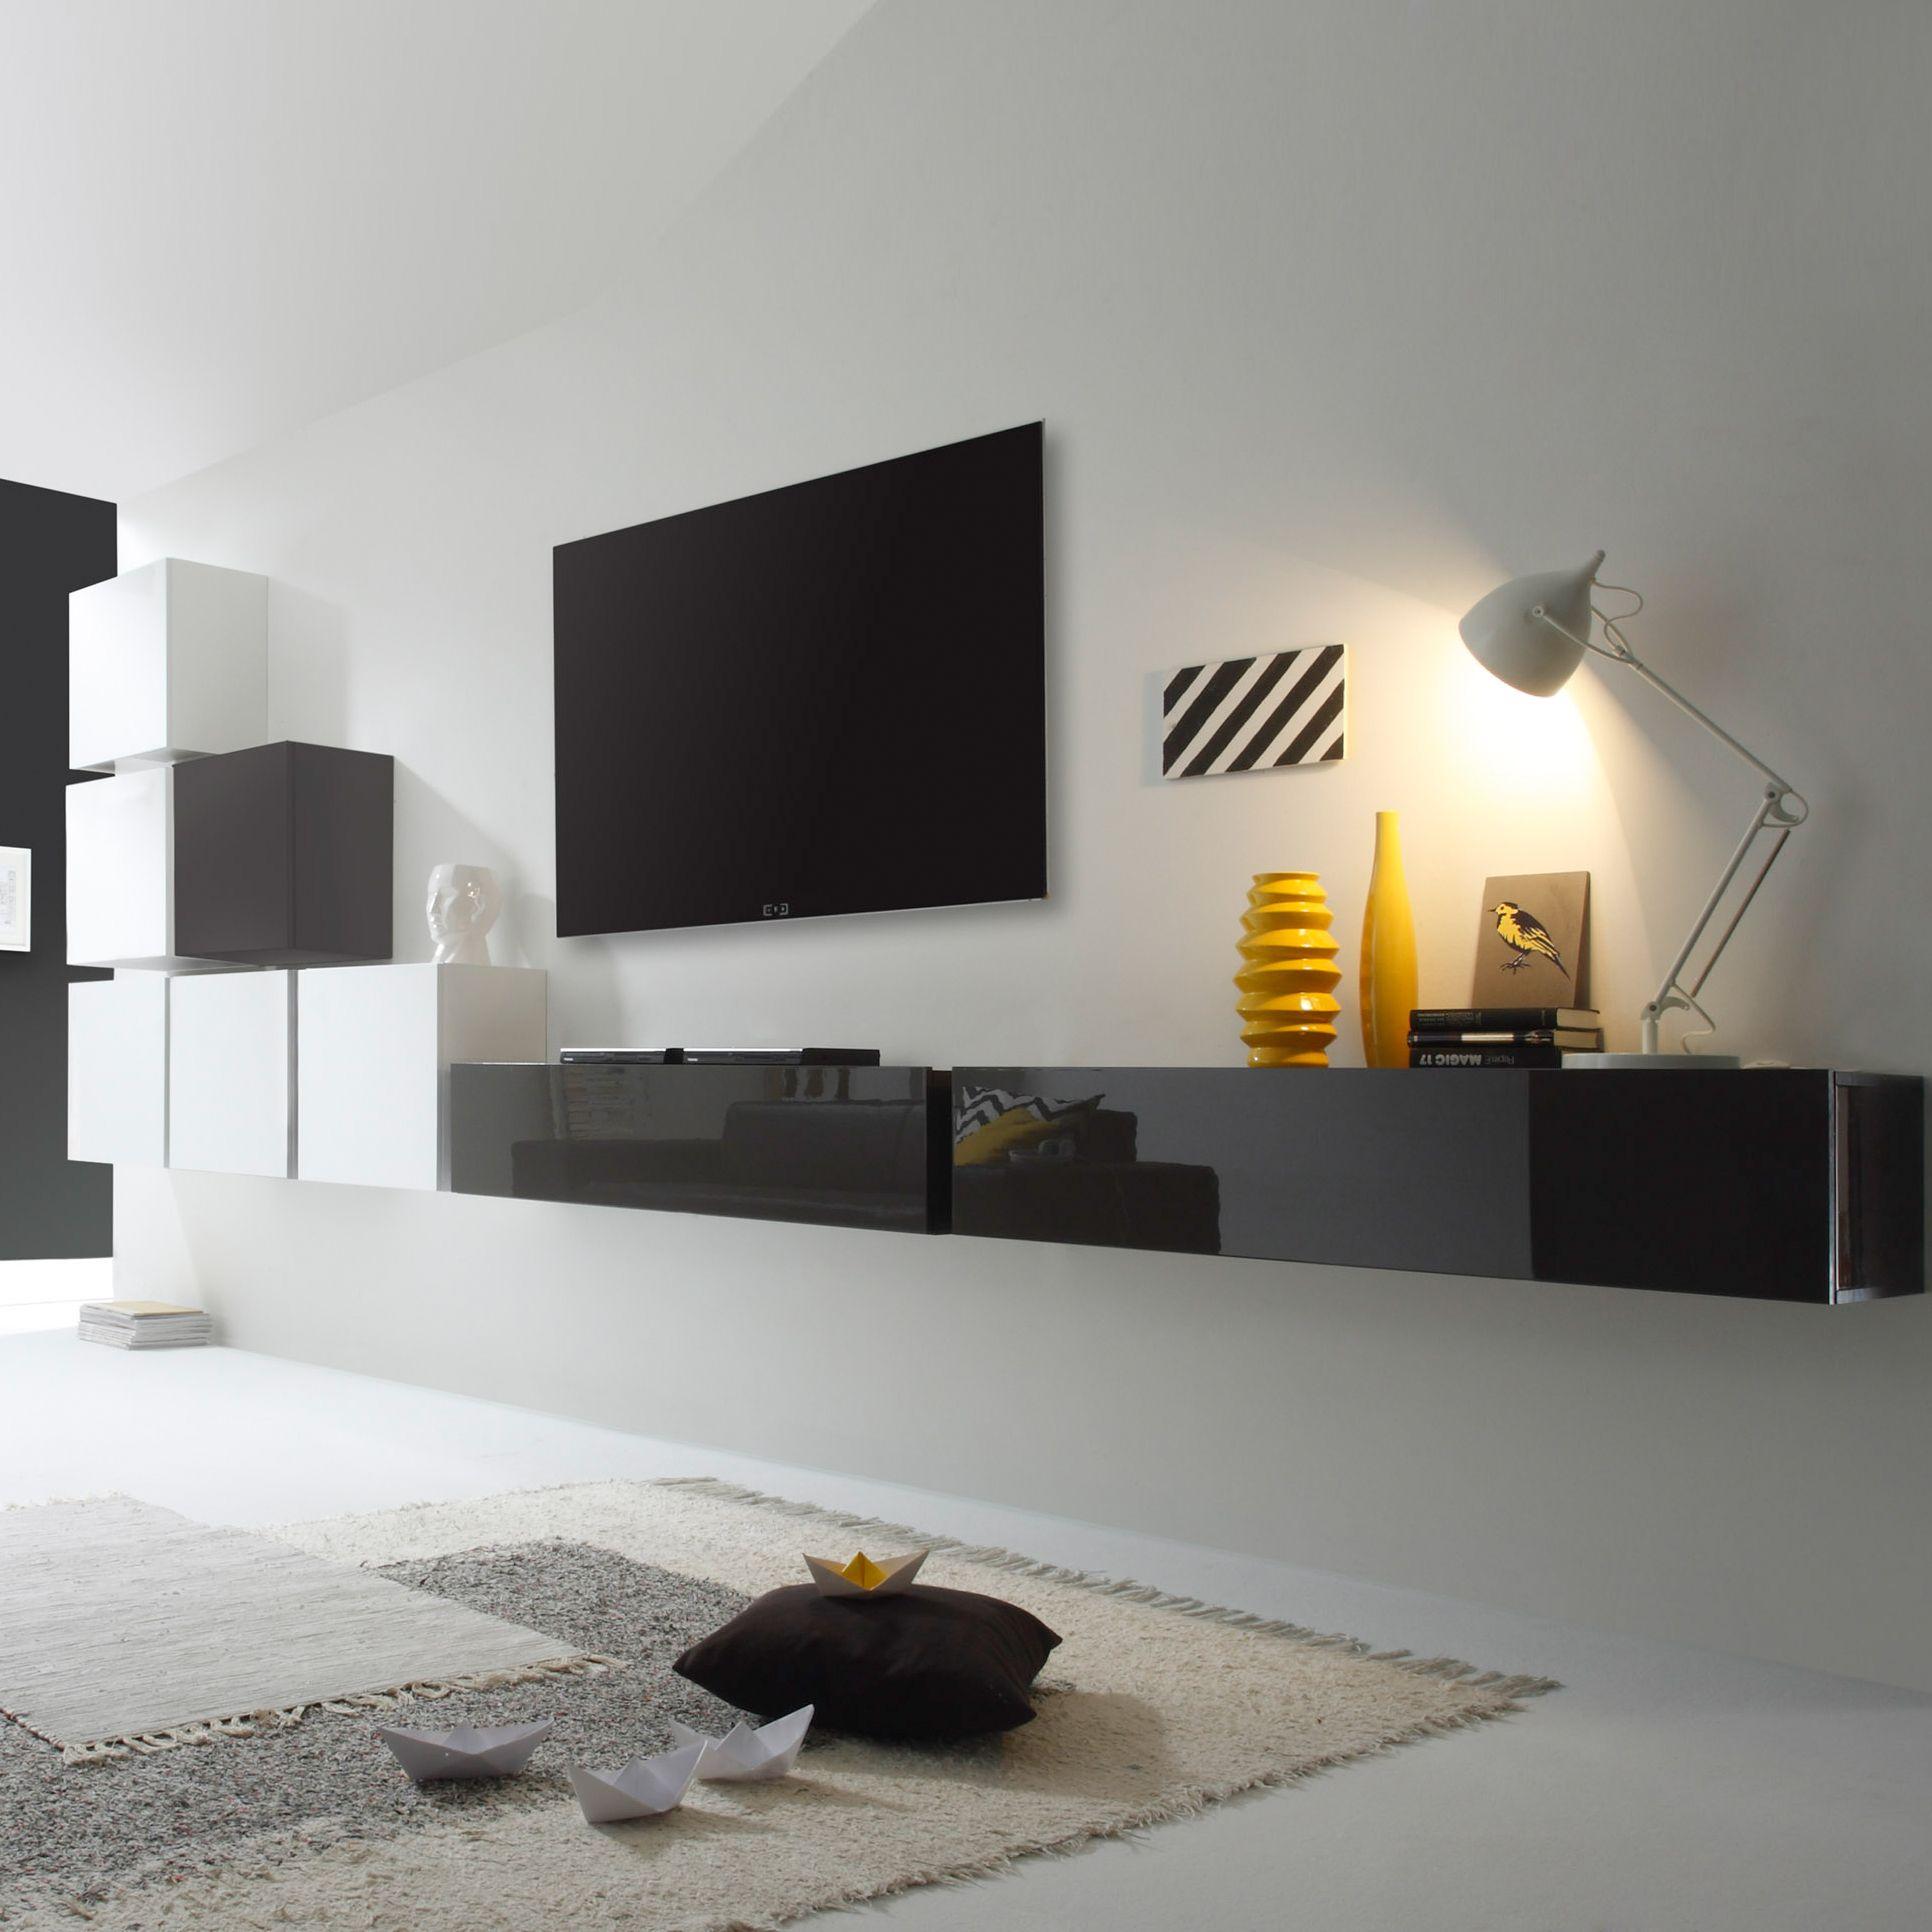 Wohnwand design  Die #moderne #Wohnwand-Serie CUBE steht für #Ausdruckskraft und ...